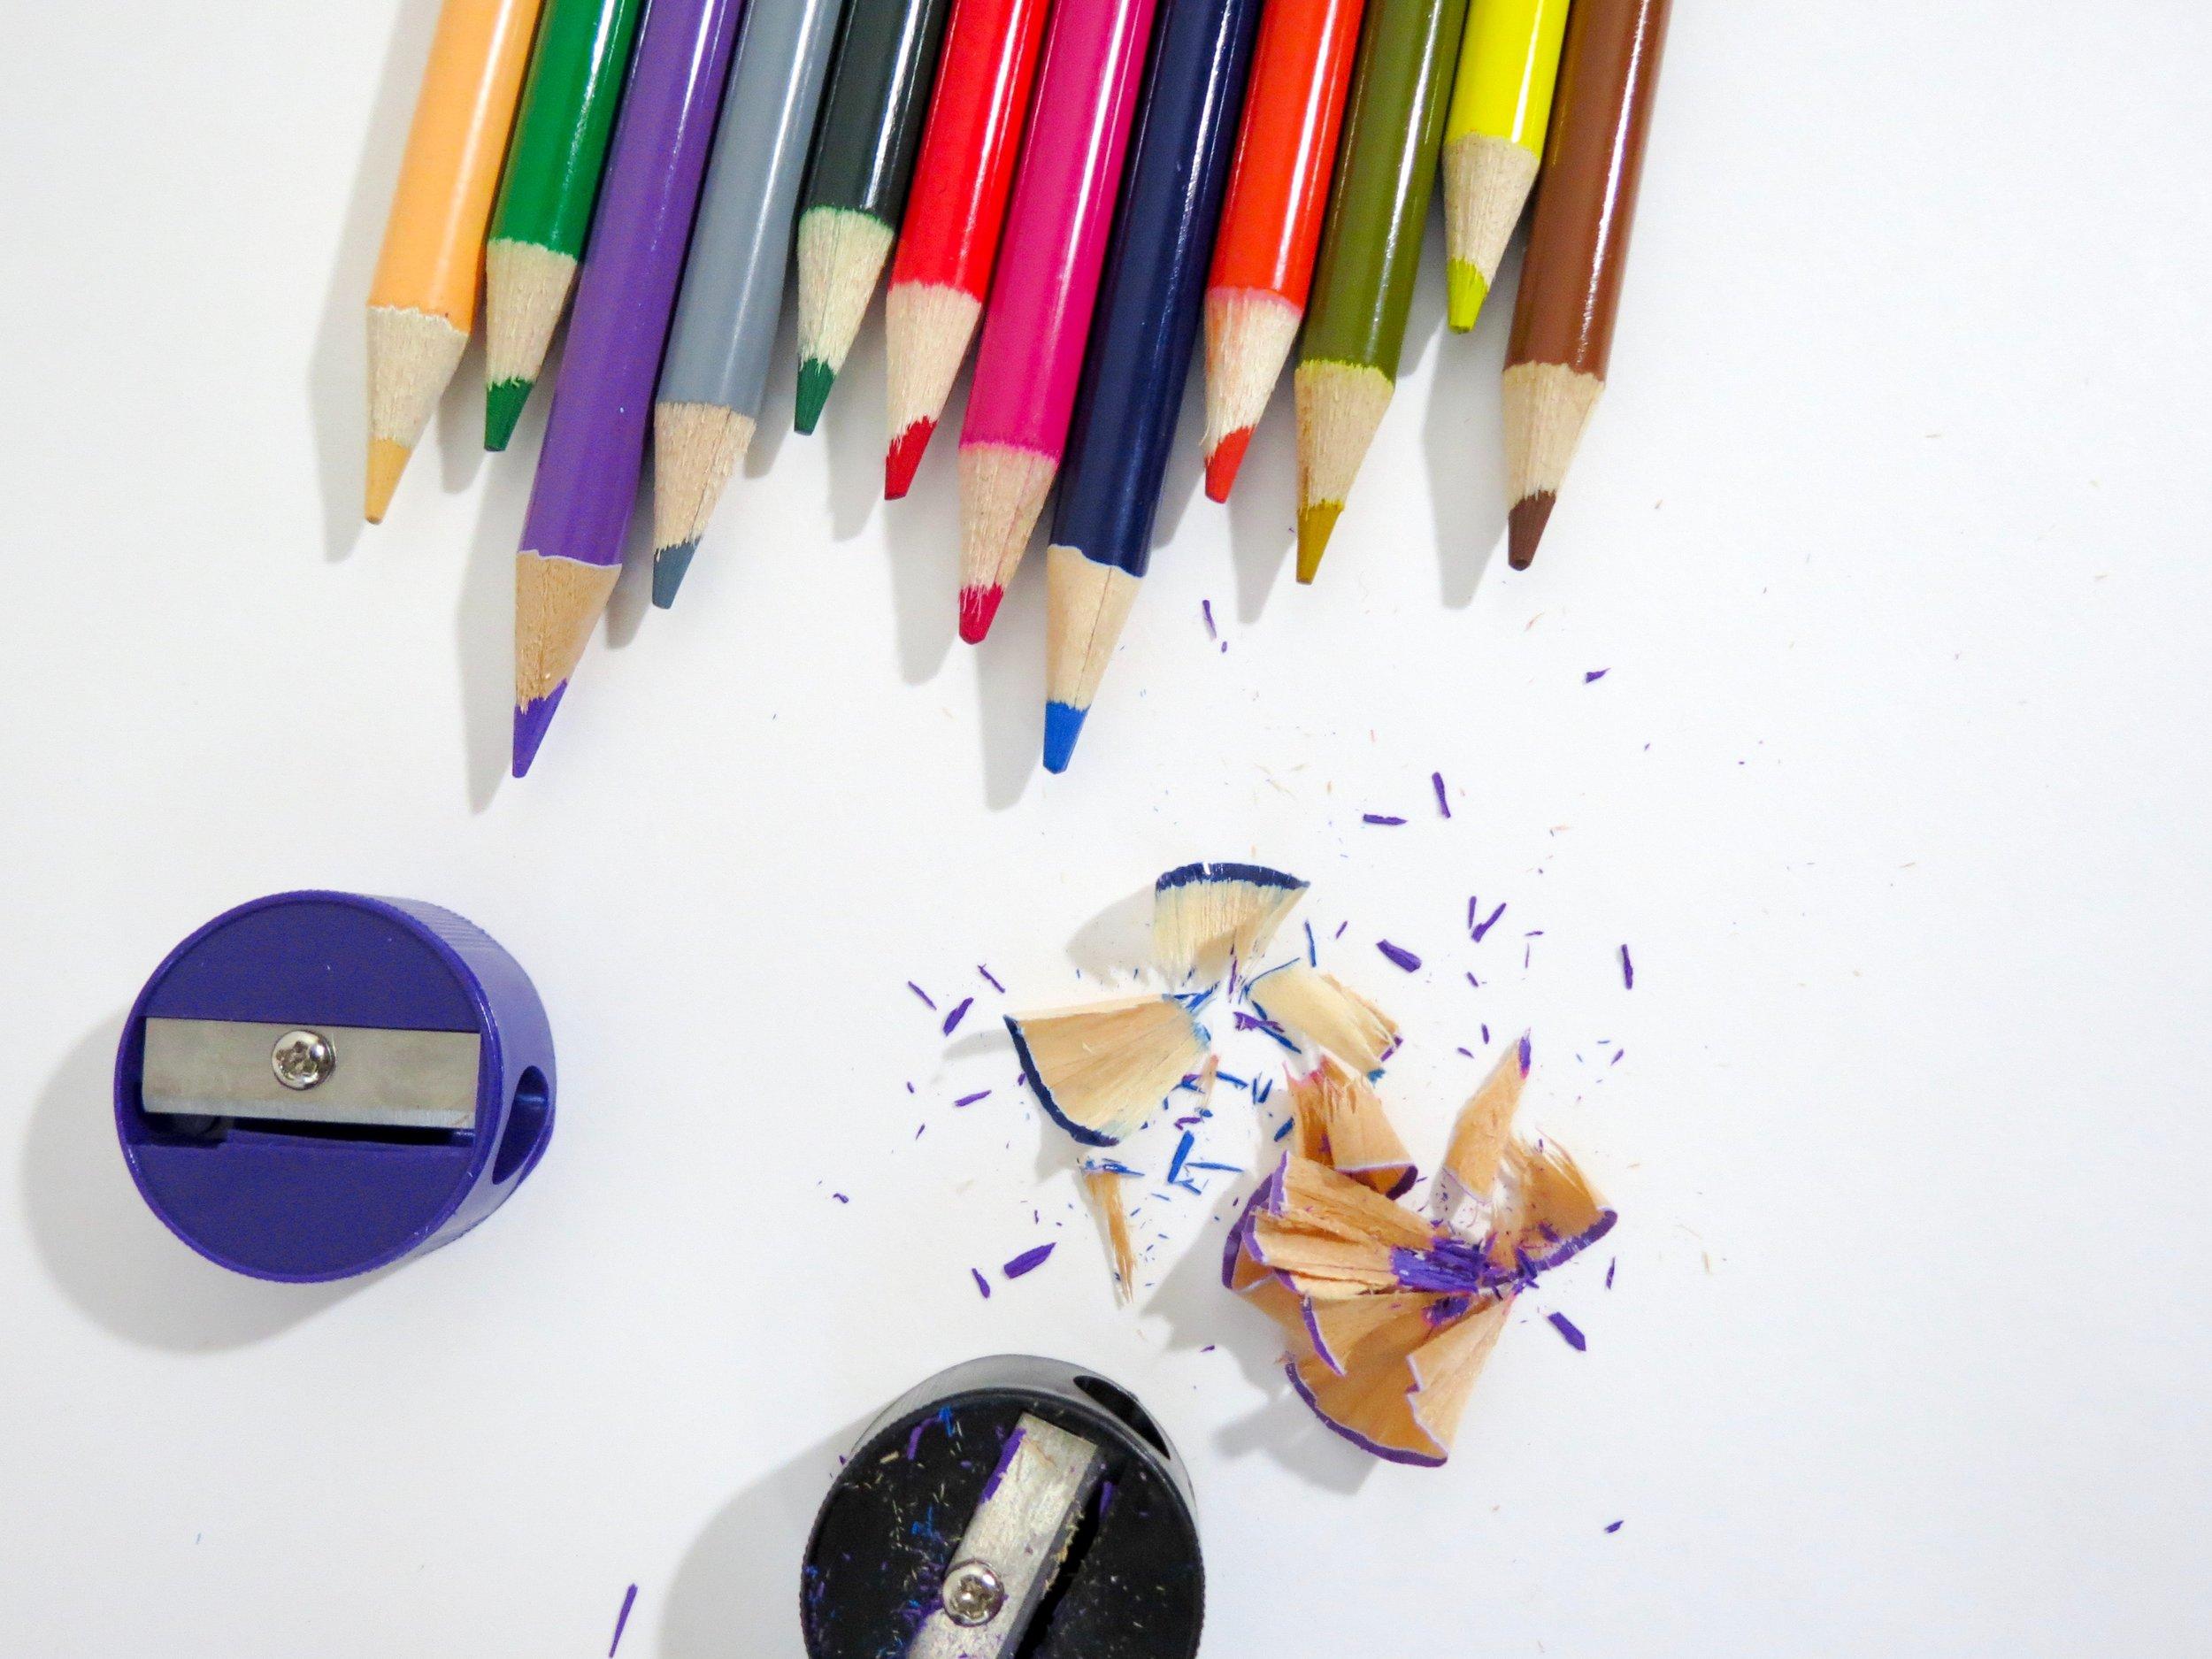 art-materials-color-colored-pencils-254717.jpg